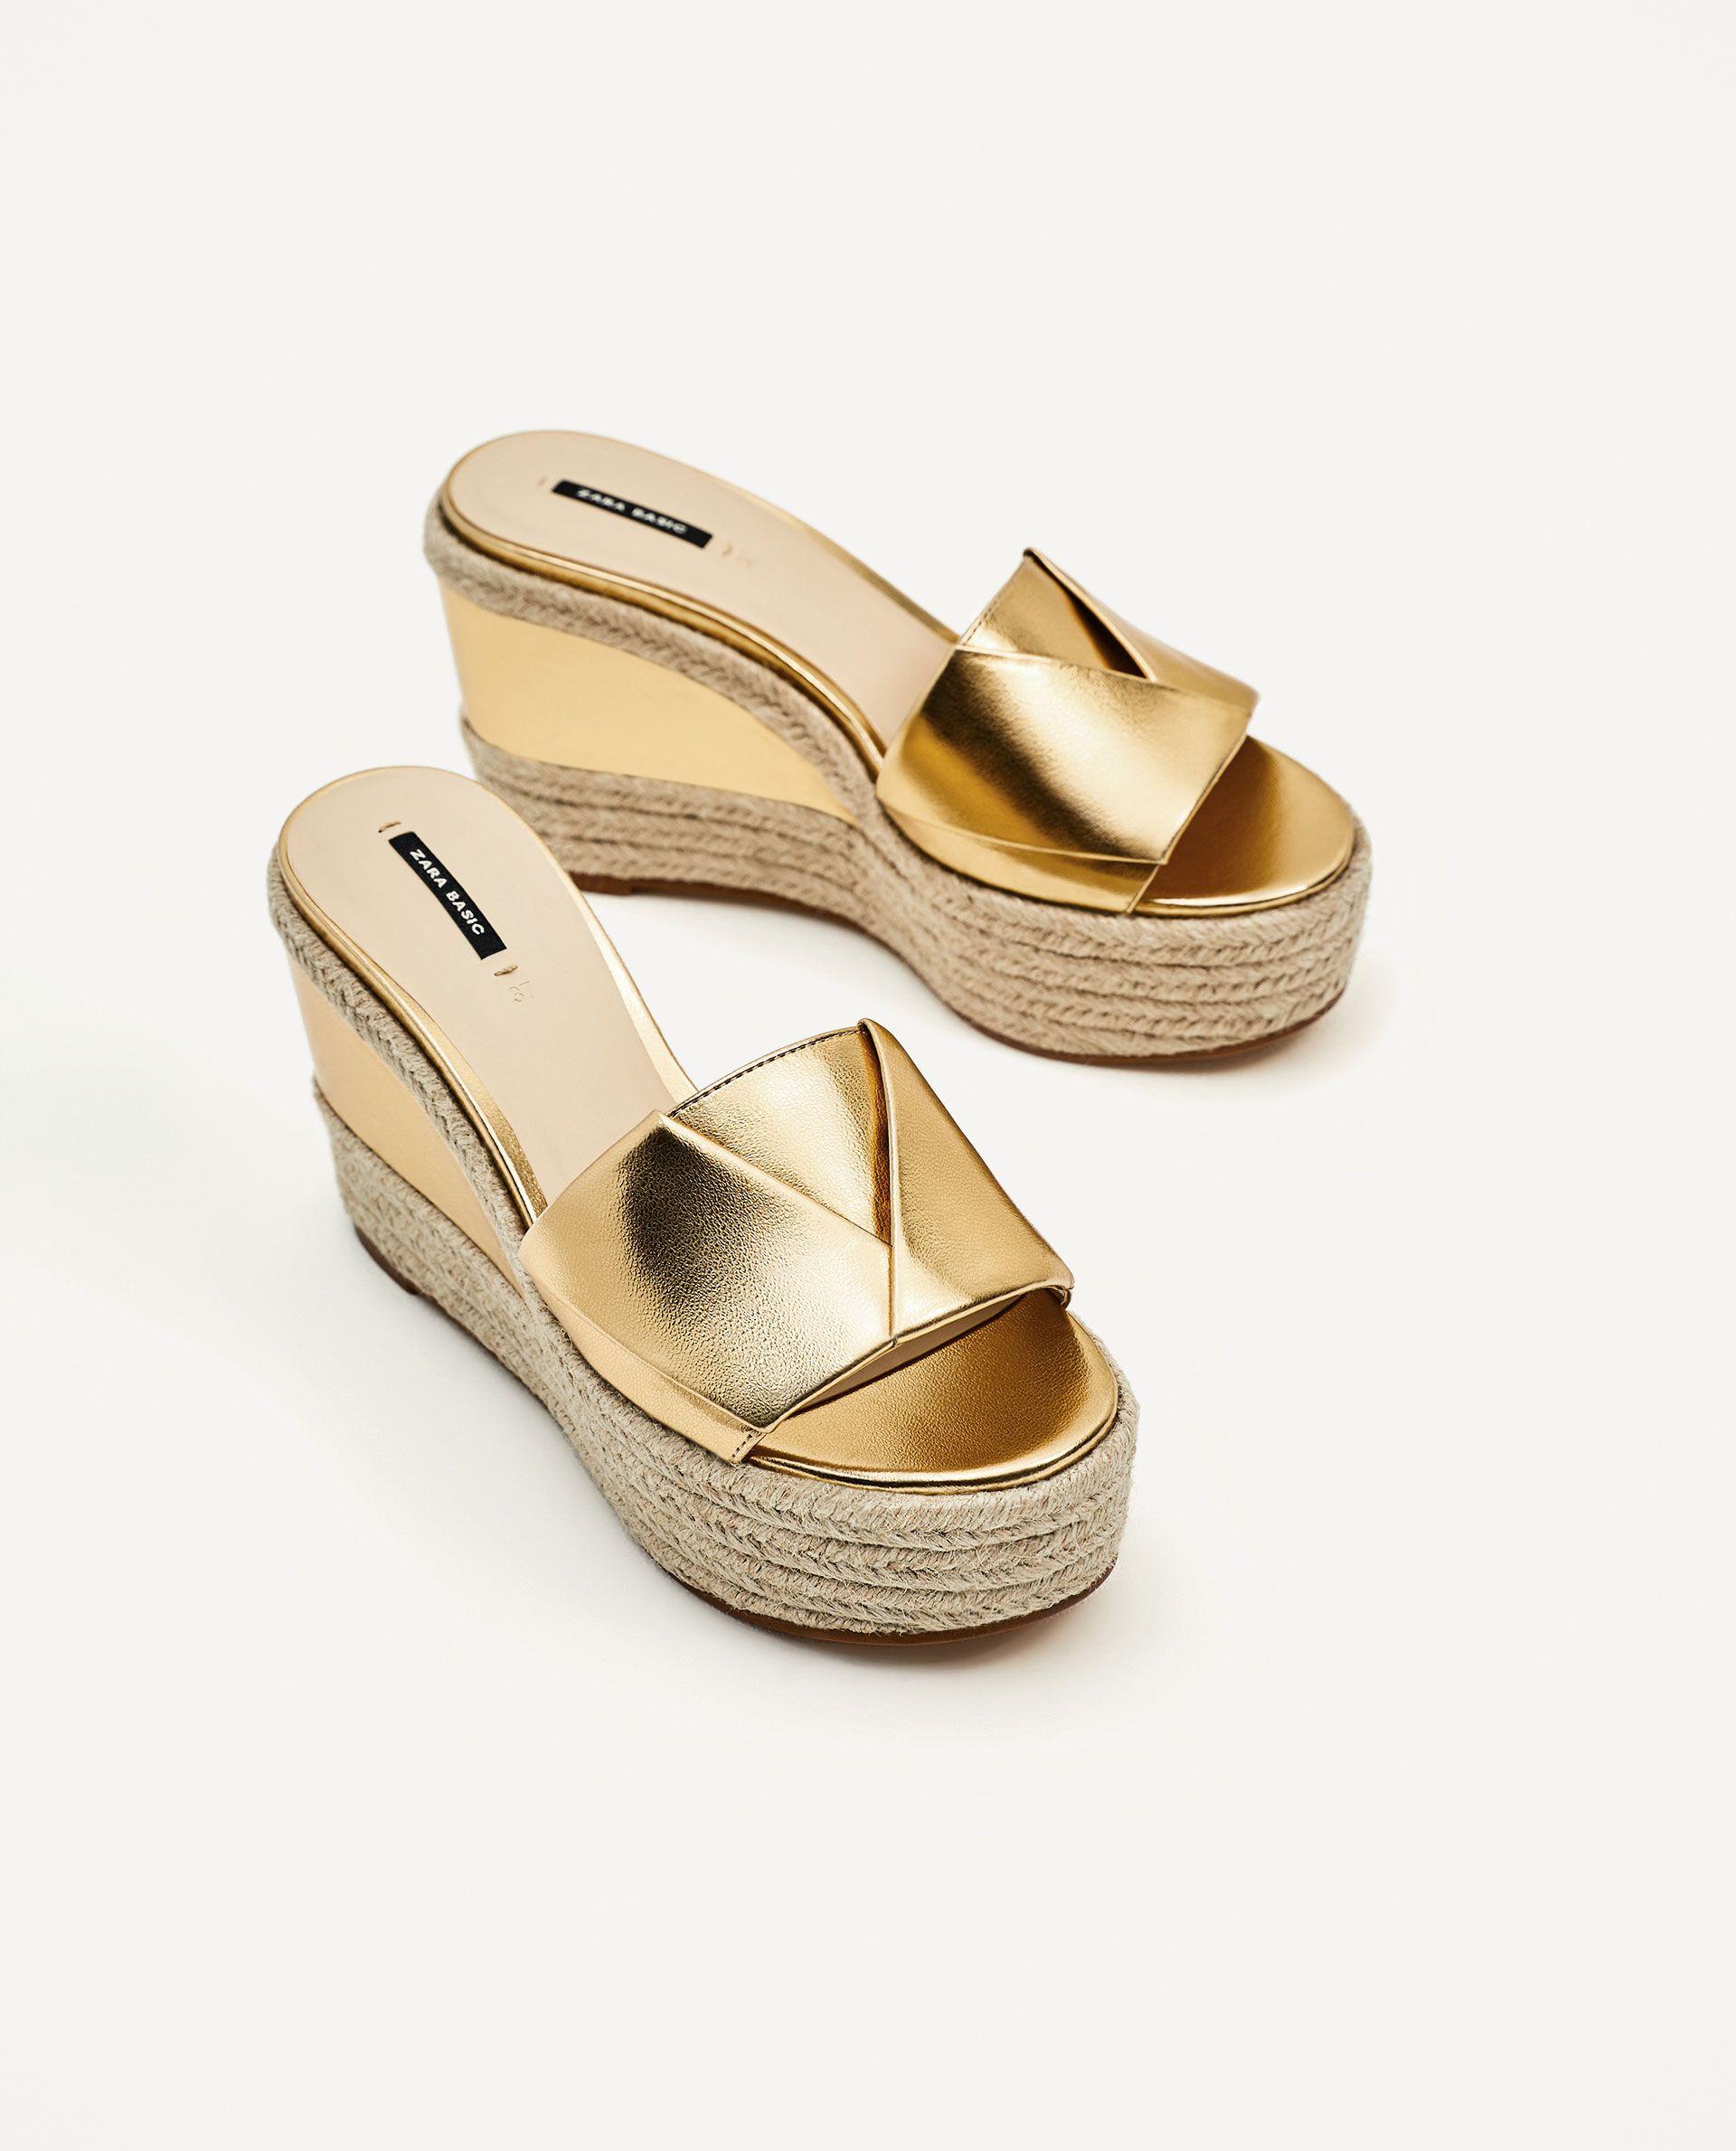 3f26acb2 ZARA - MUJER - CUÑA YUTE DORADA | sandalias | Zapatos hermosos ...